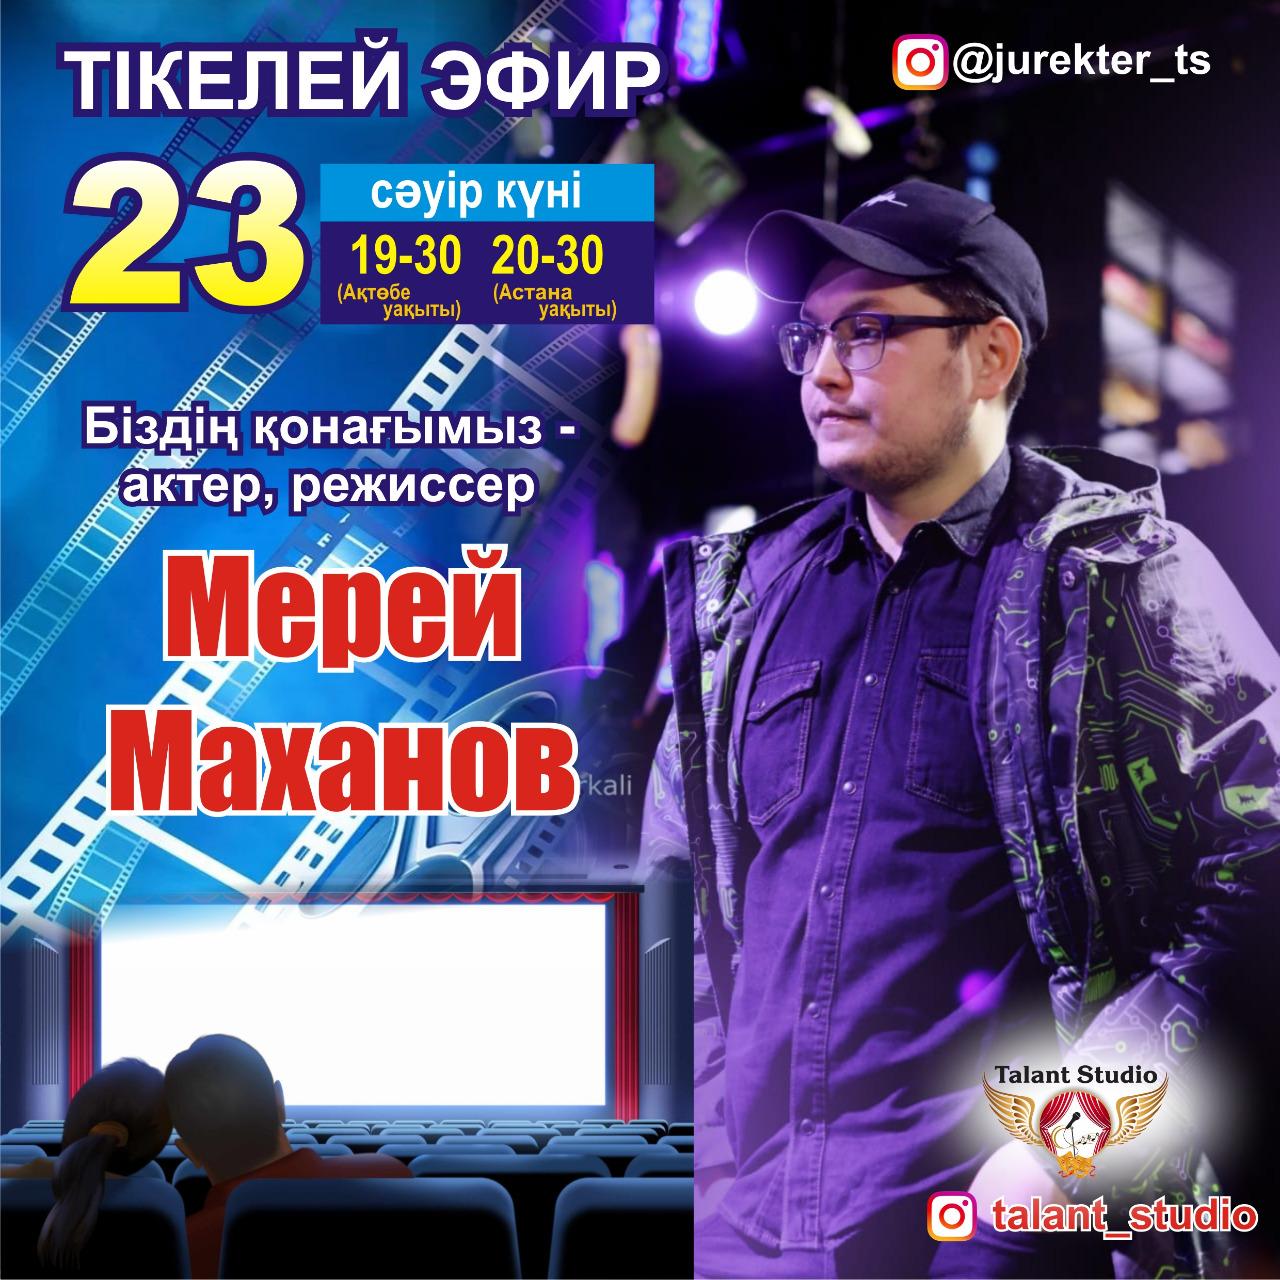 Біздің қонағымыз актер, режиссер Мерей Маханов !